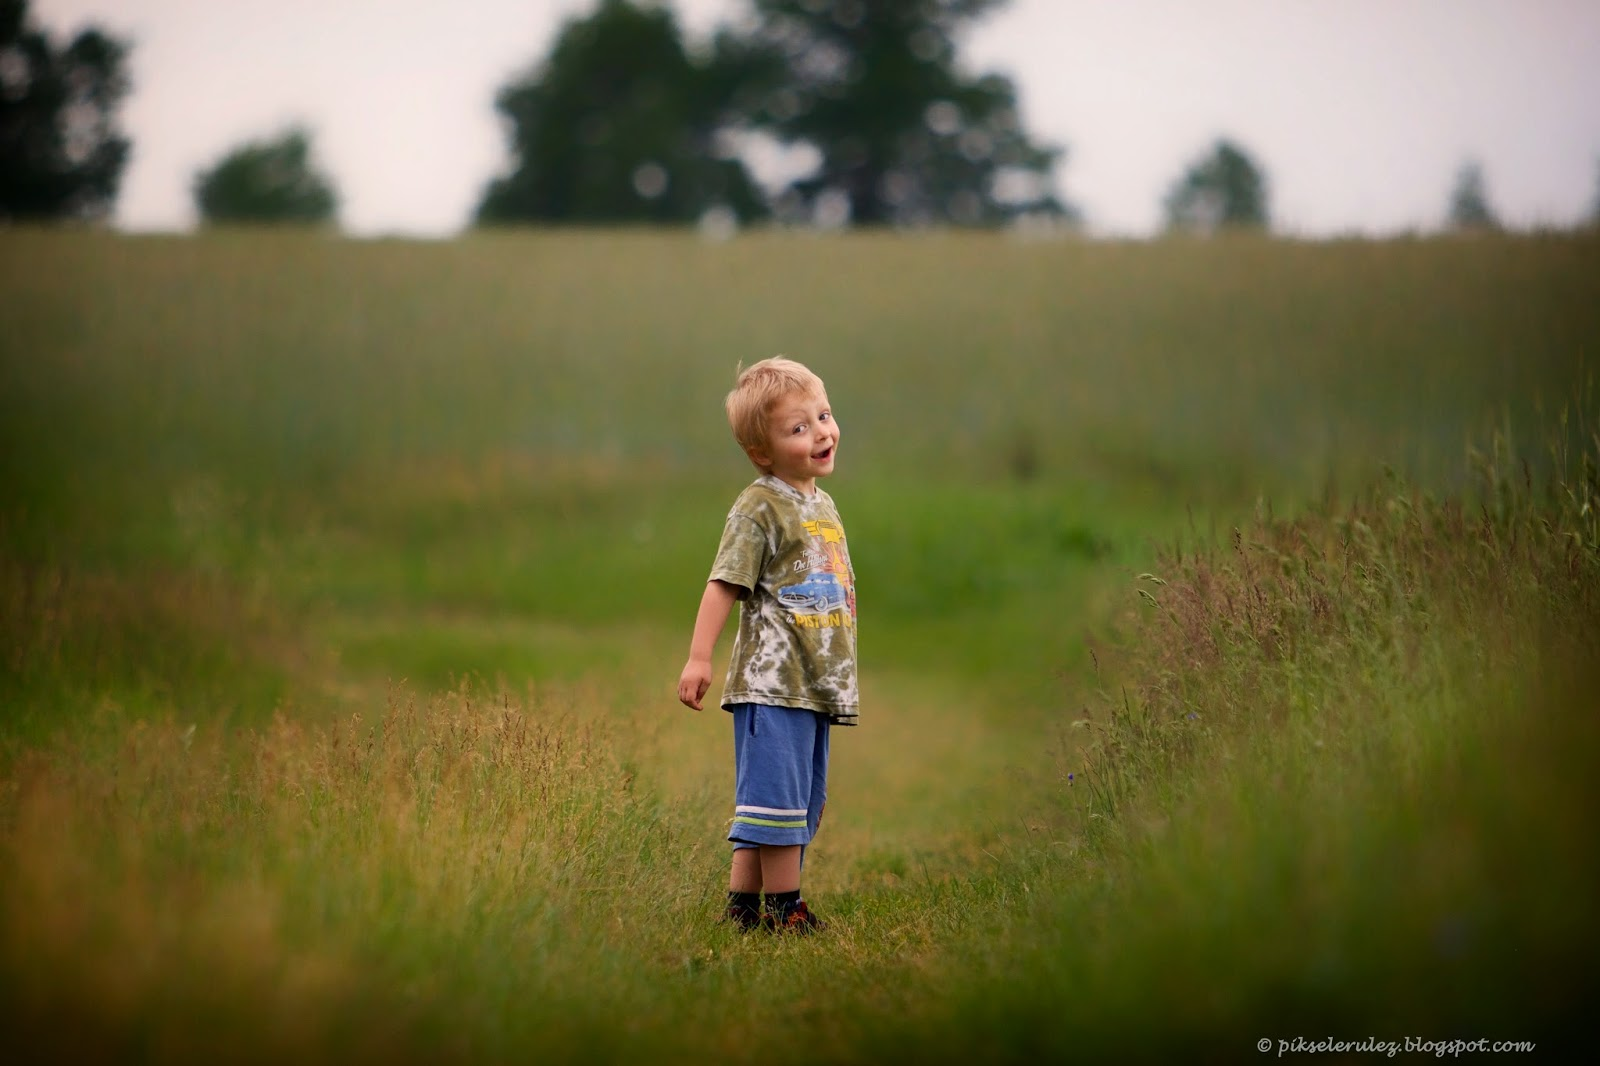 dzieciństwo, dziecko, portret, wieś, Agata Raszke